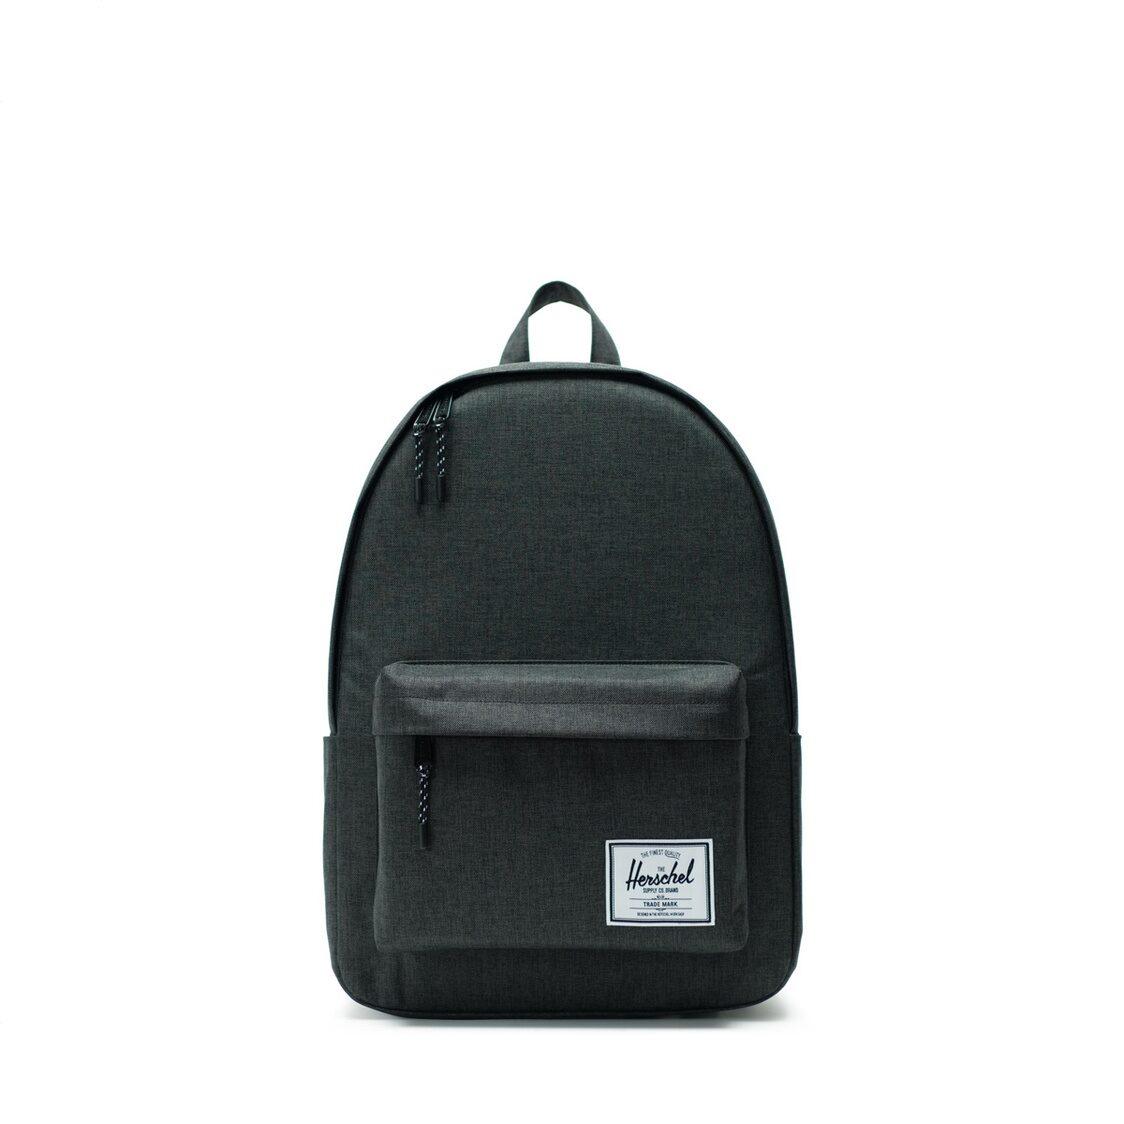 Herschel Classic XL Black X Backpack 10492-02090-OS